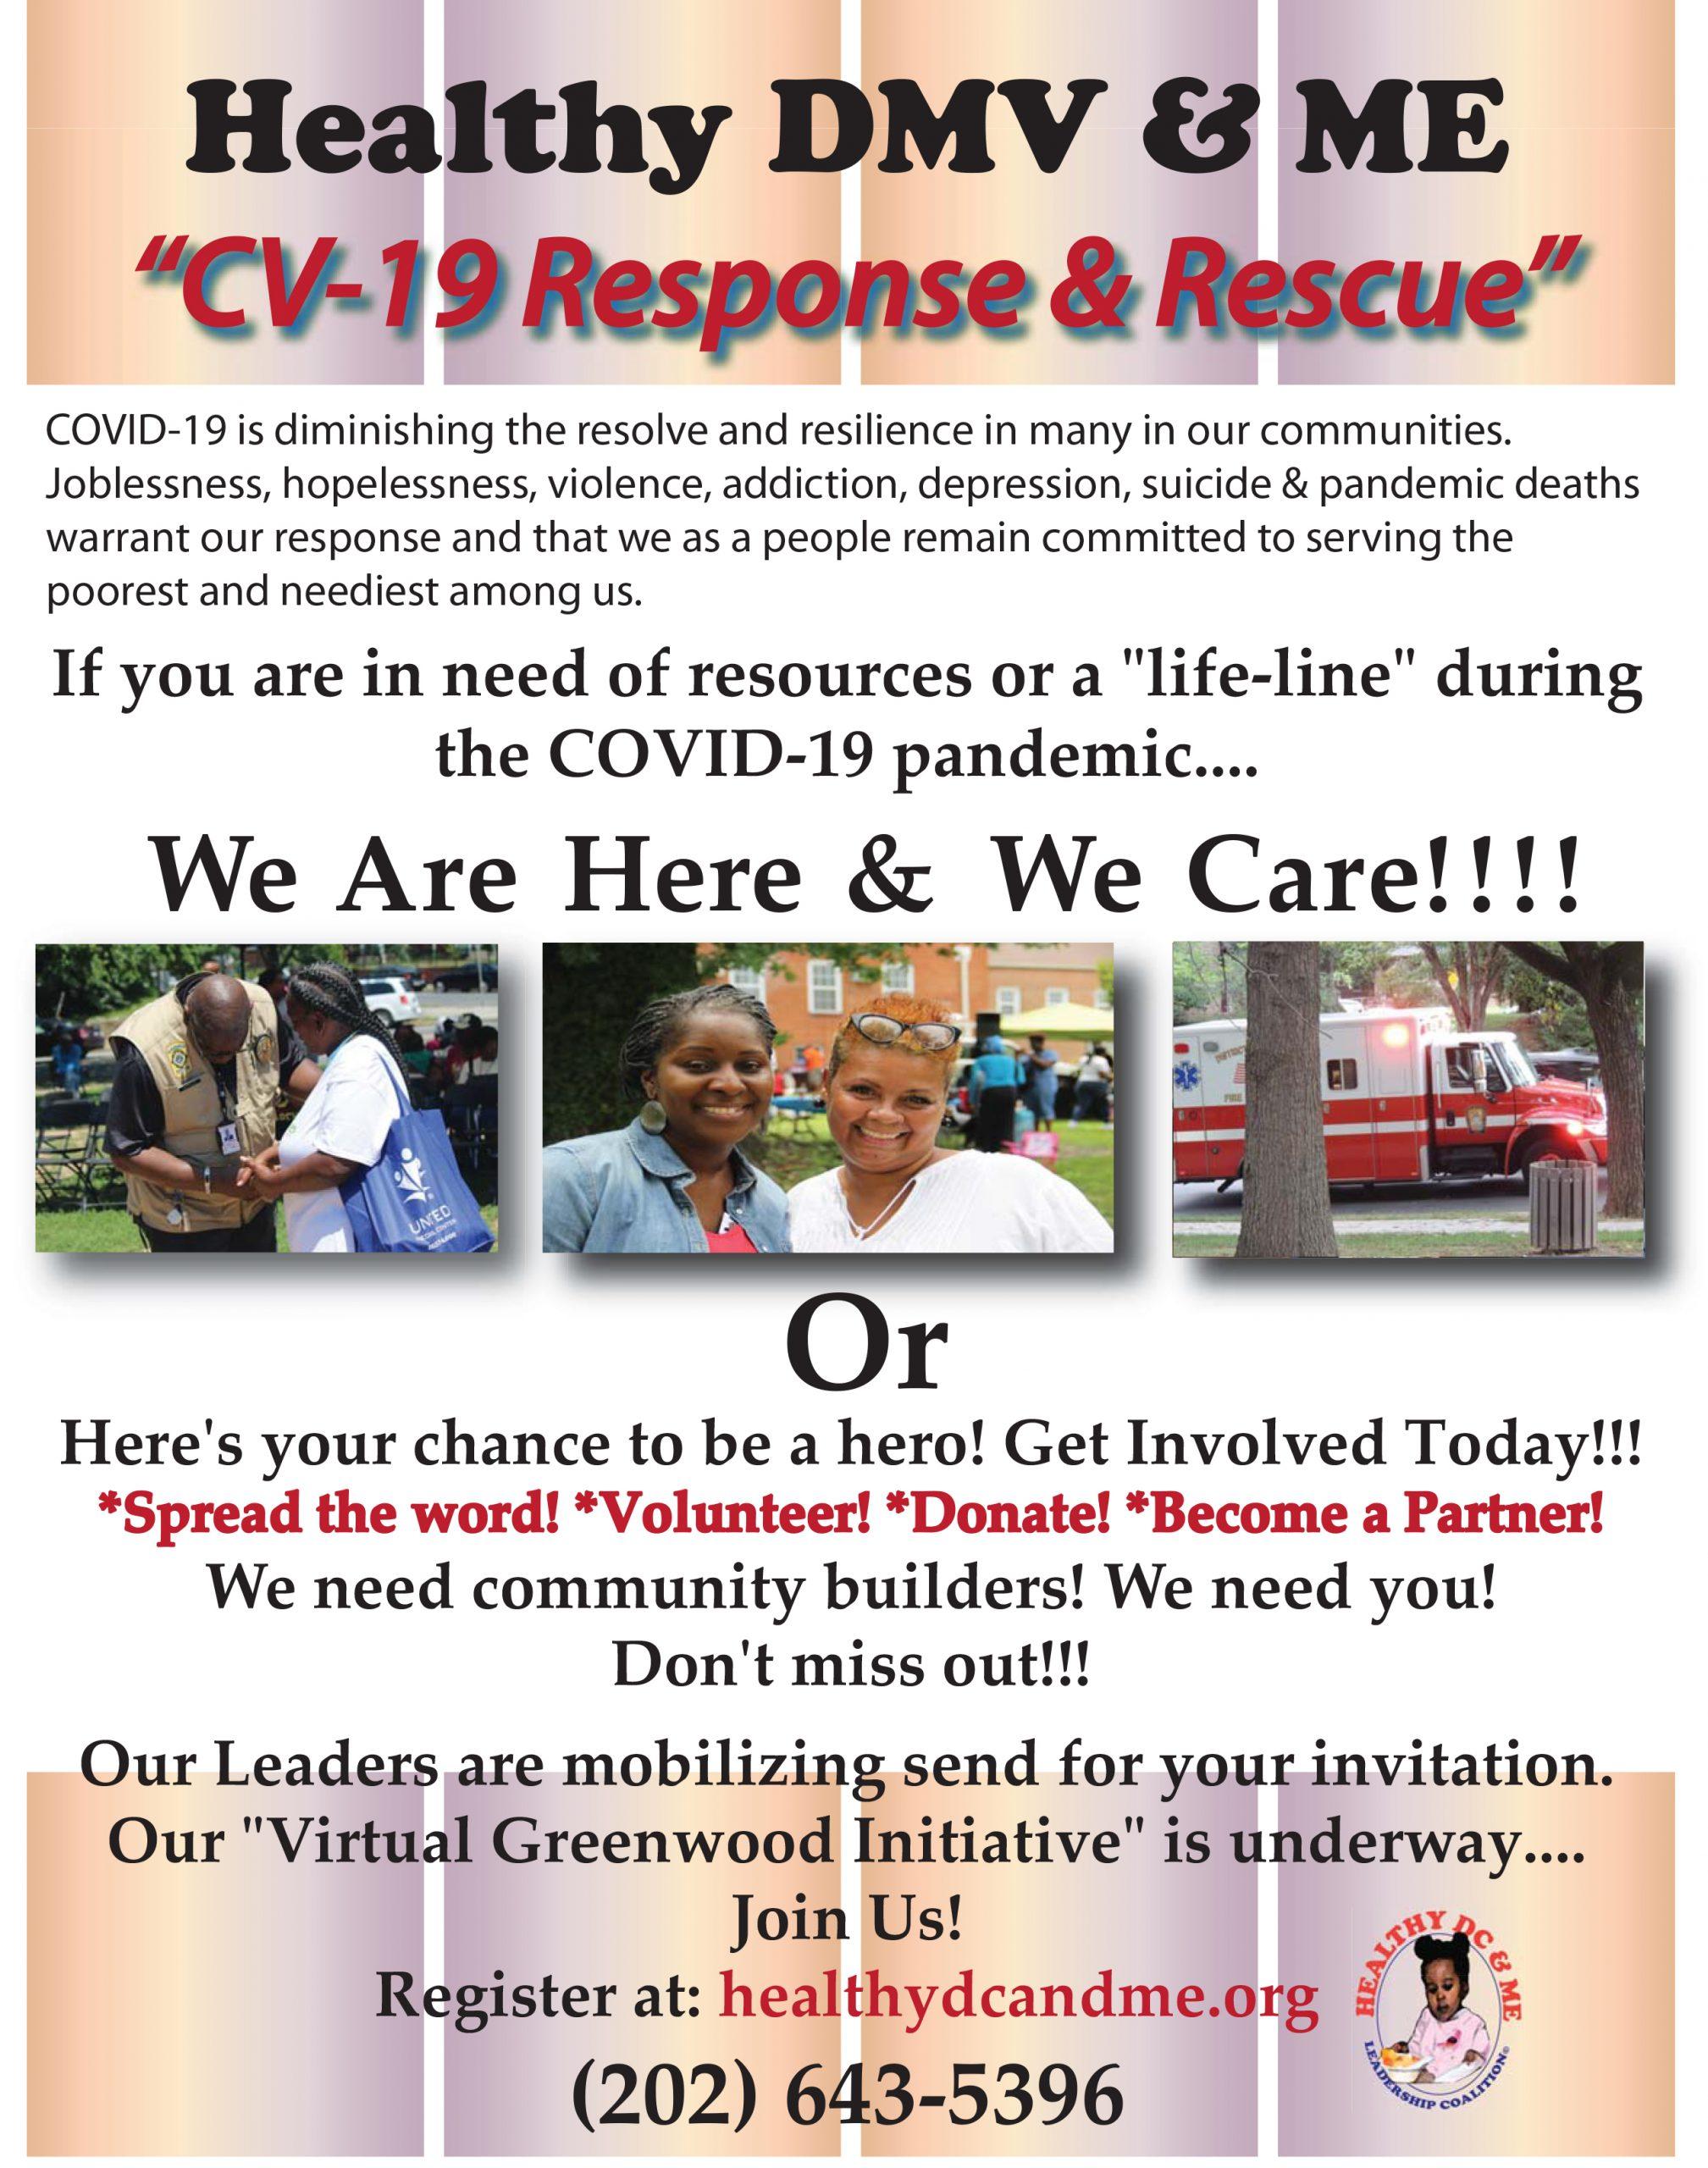 CV-19 Response & Rescue Flyer.ai